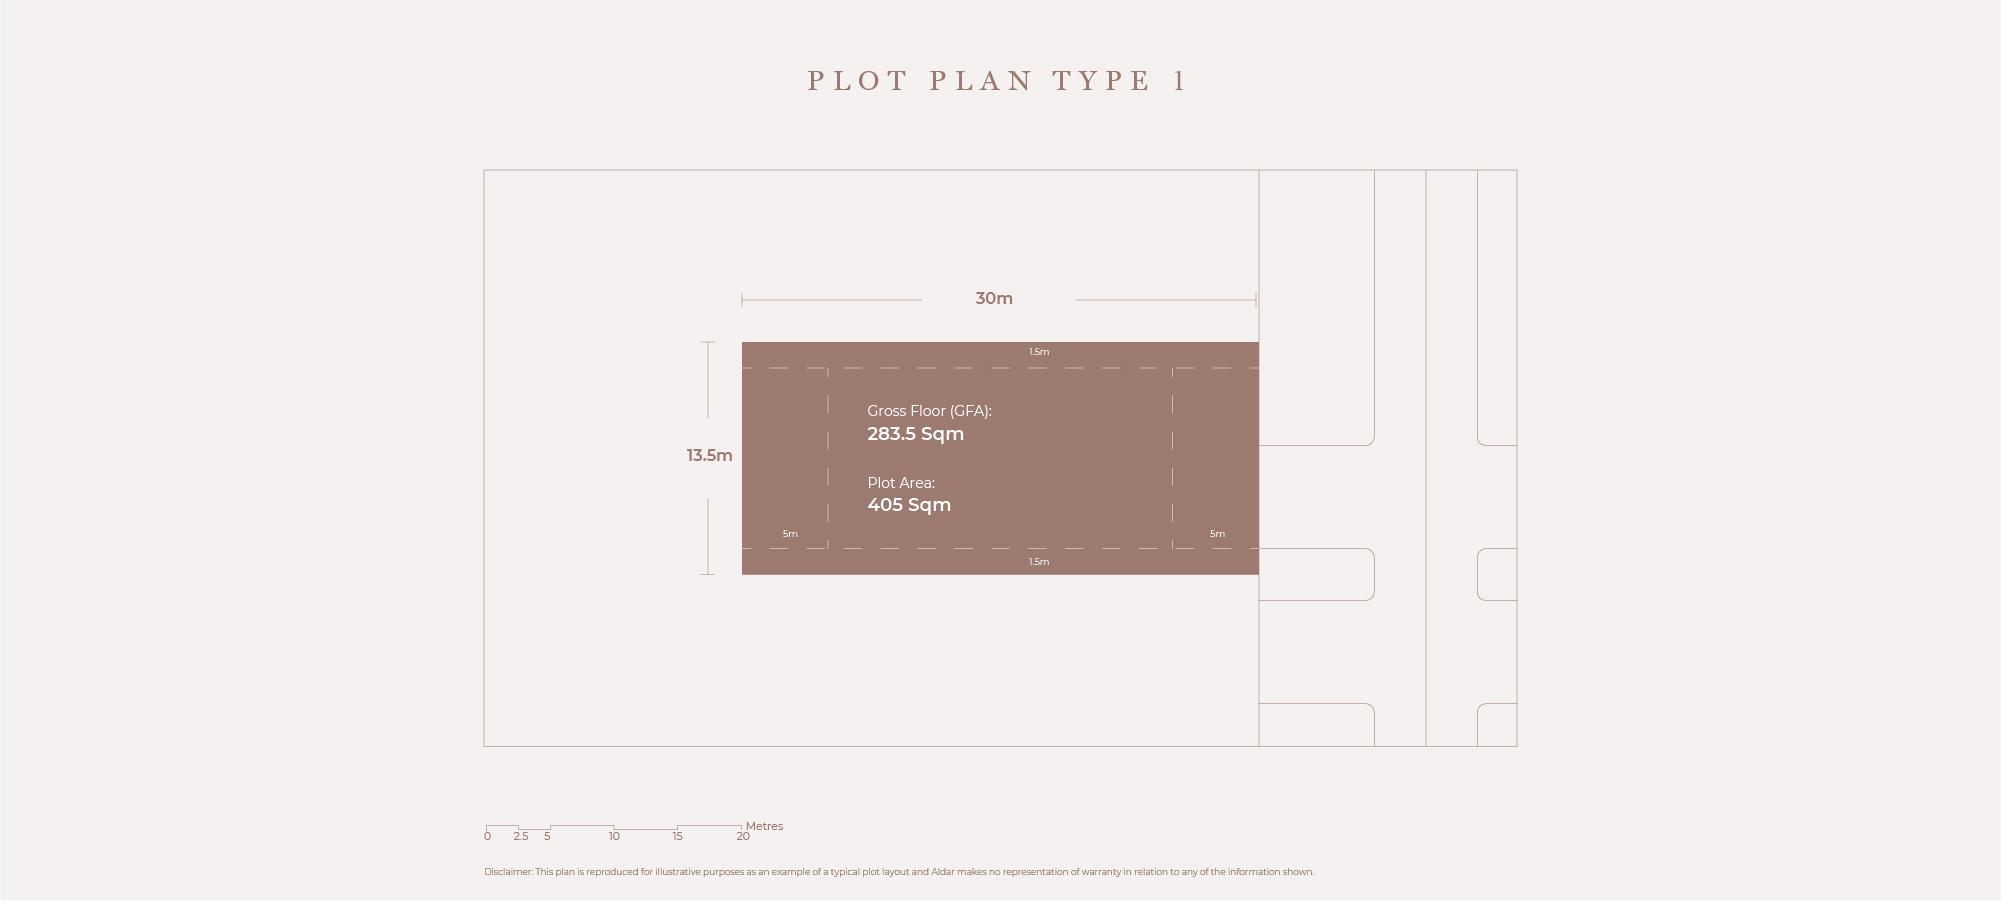 قطع أرض،  نوع الخطة 1، حجم 405 متر مربع